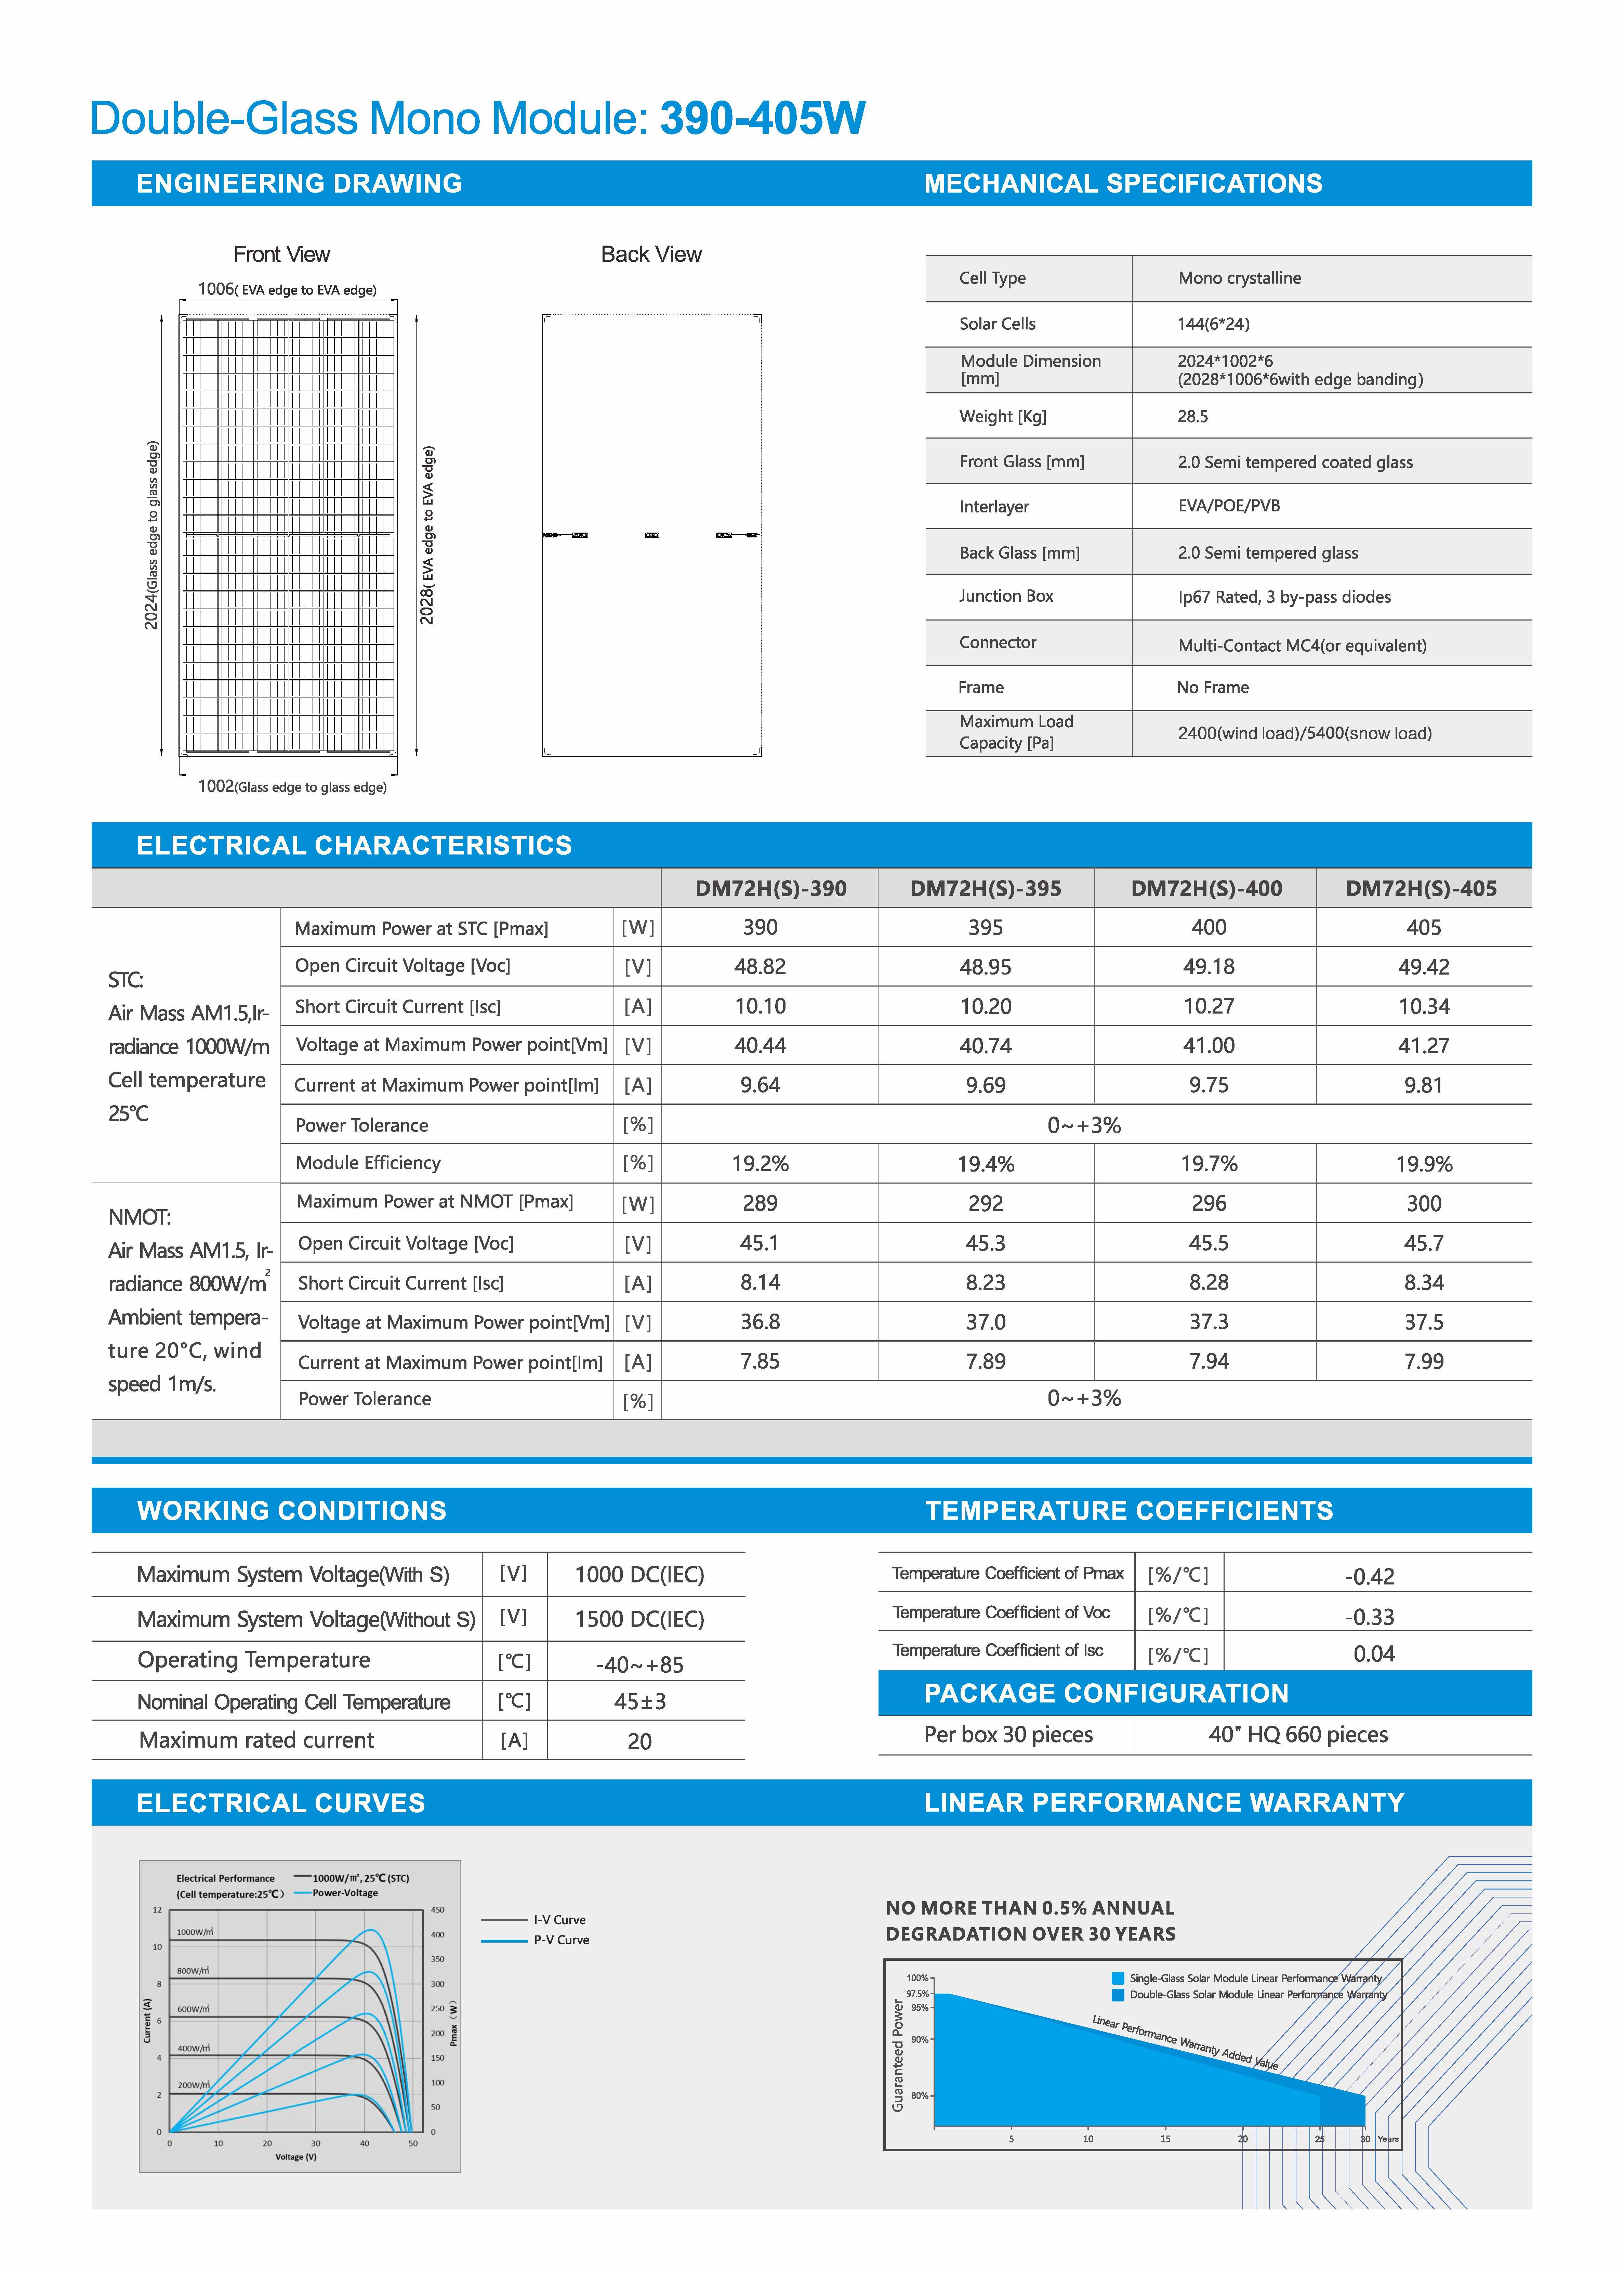 DM72H(S)-390-405